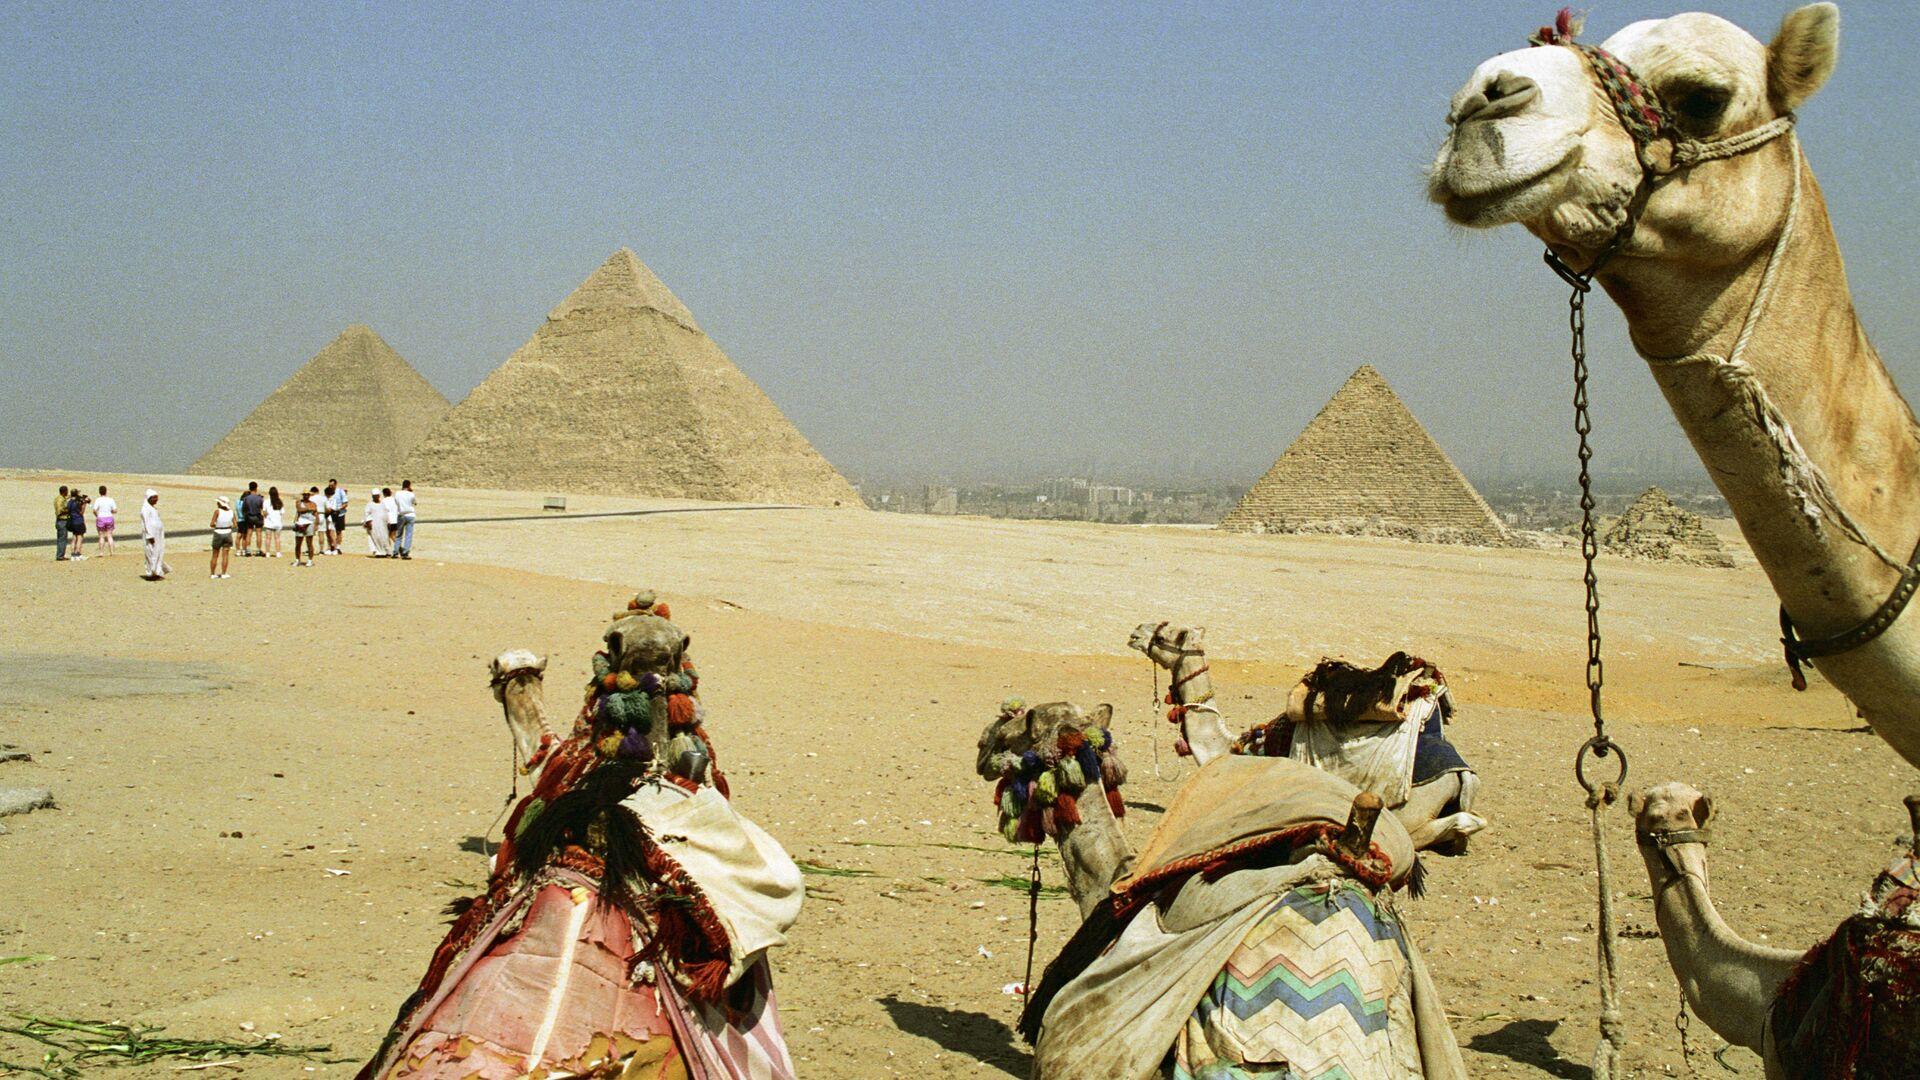 Пирамиды, Египет - РИА Новости, 1920, 27.01.2021